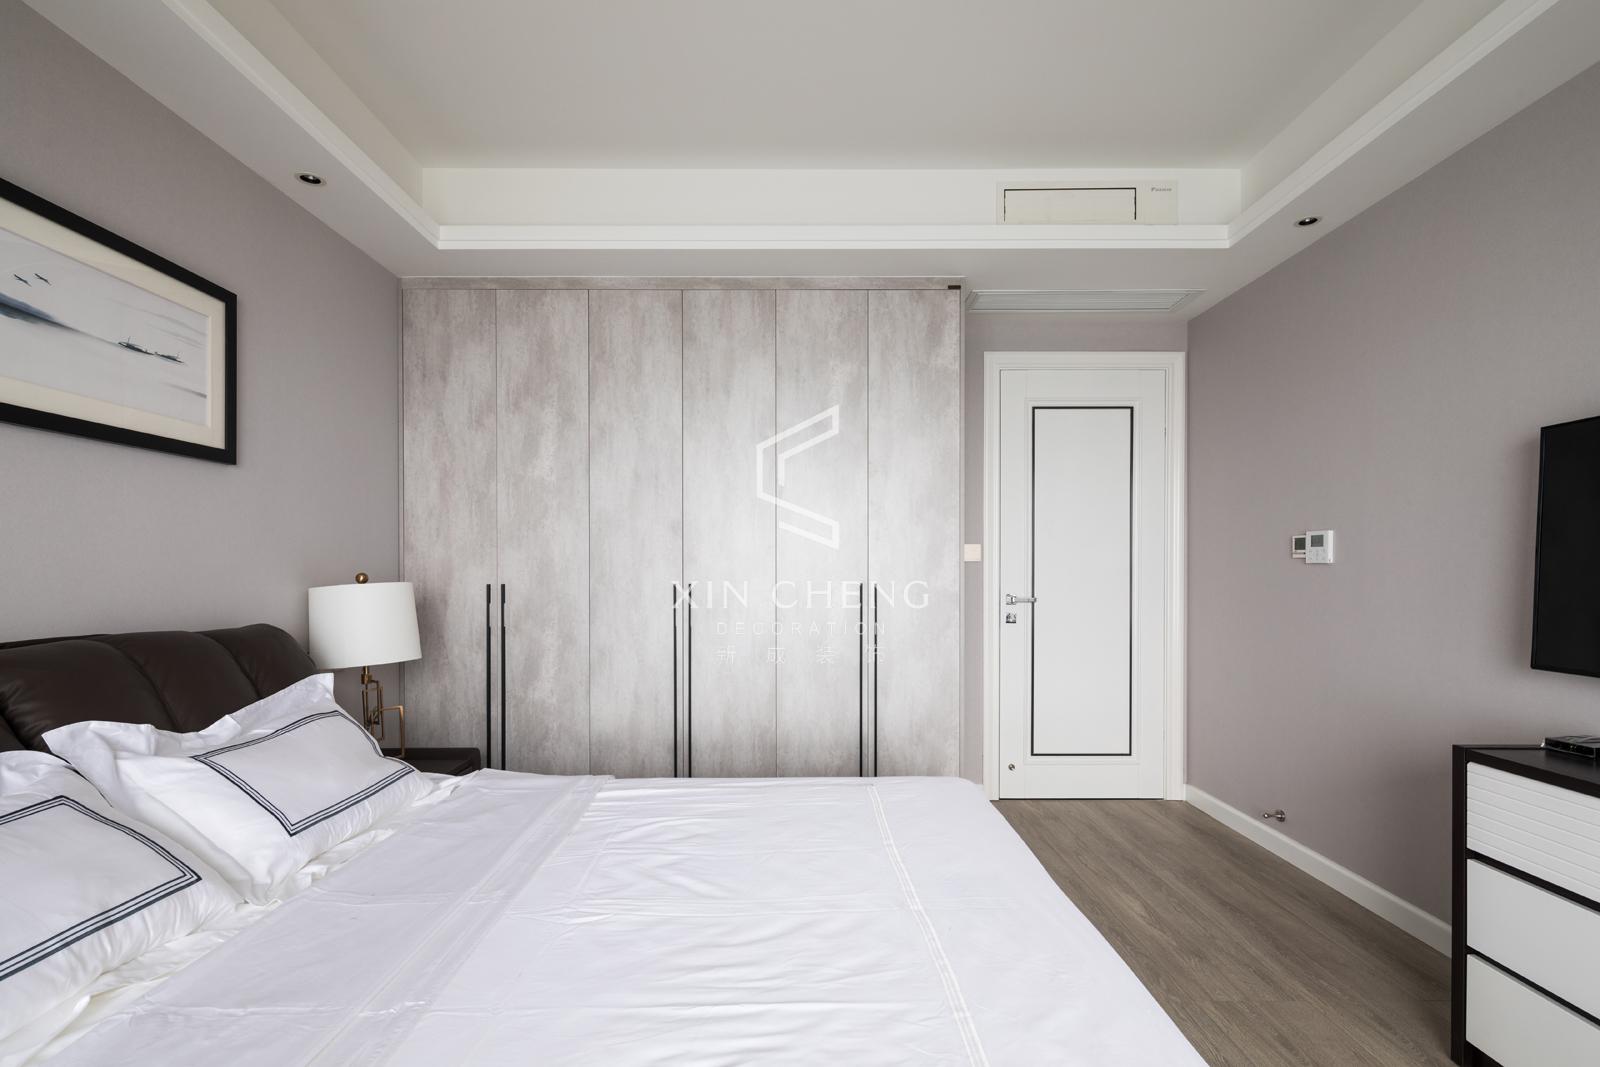 简约 现代 卧室图片来自乐山新成装饰在生活本就不完美,所以....的分享